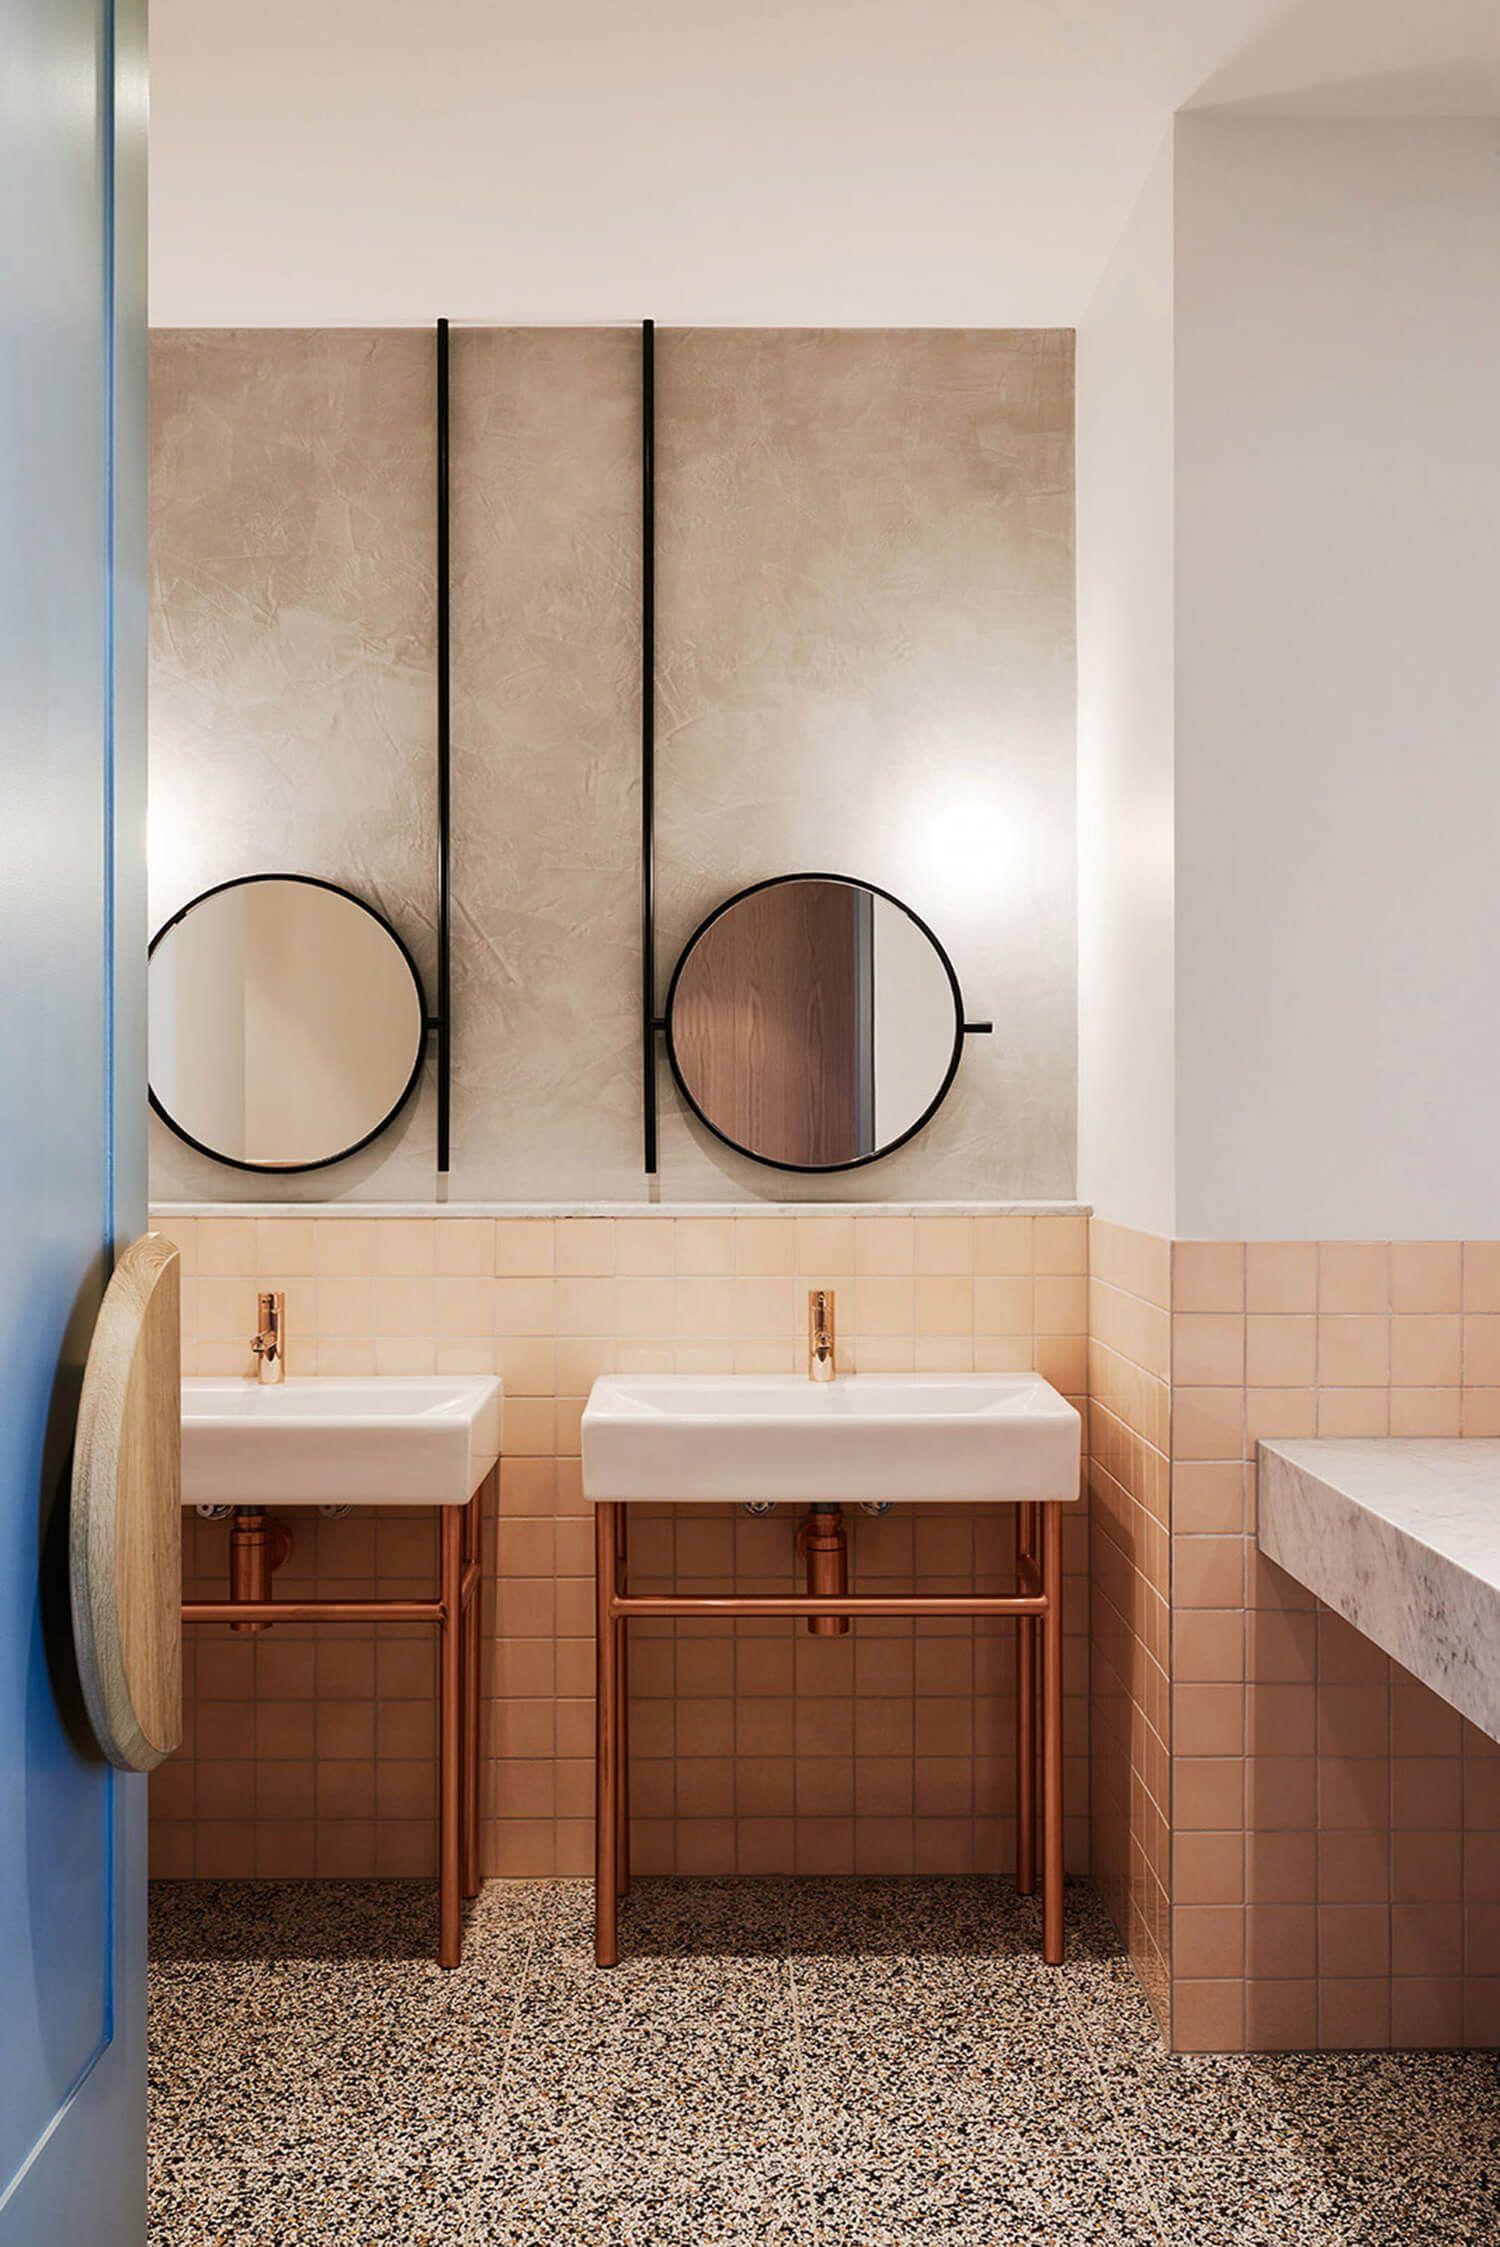 The Penny Drop Est Living Restroom Design Bathroom Design Inspiration Toilet Design